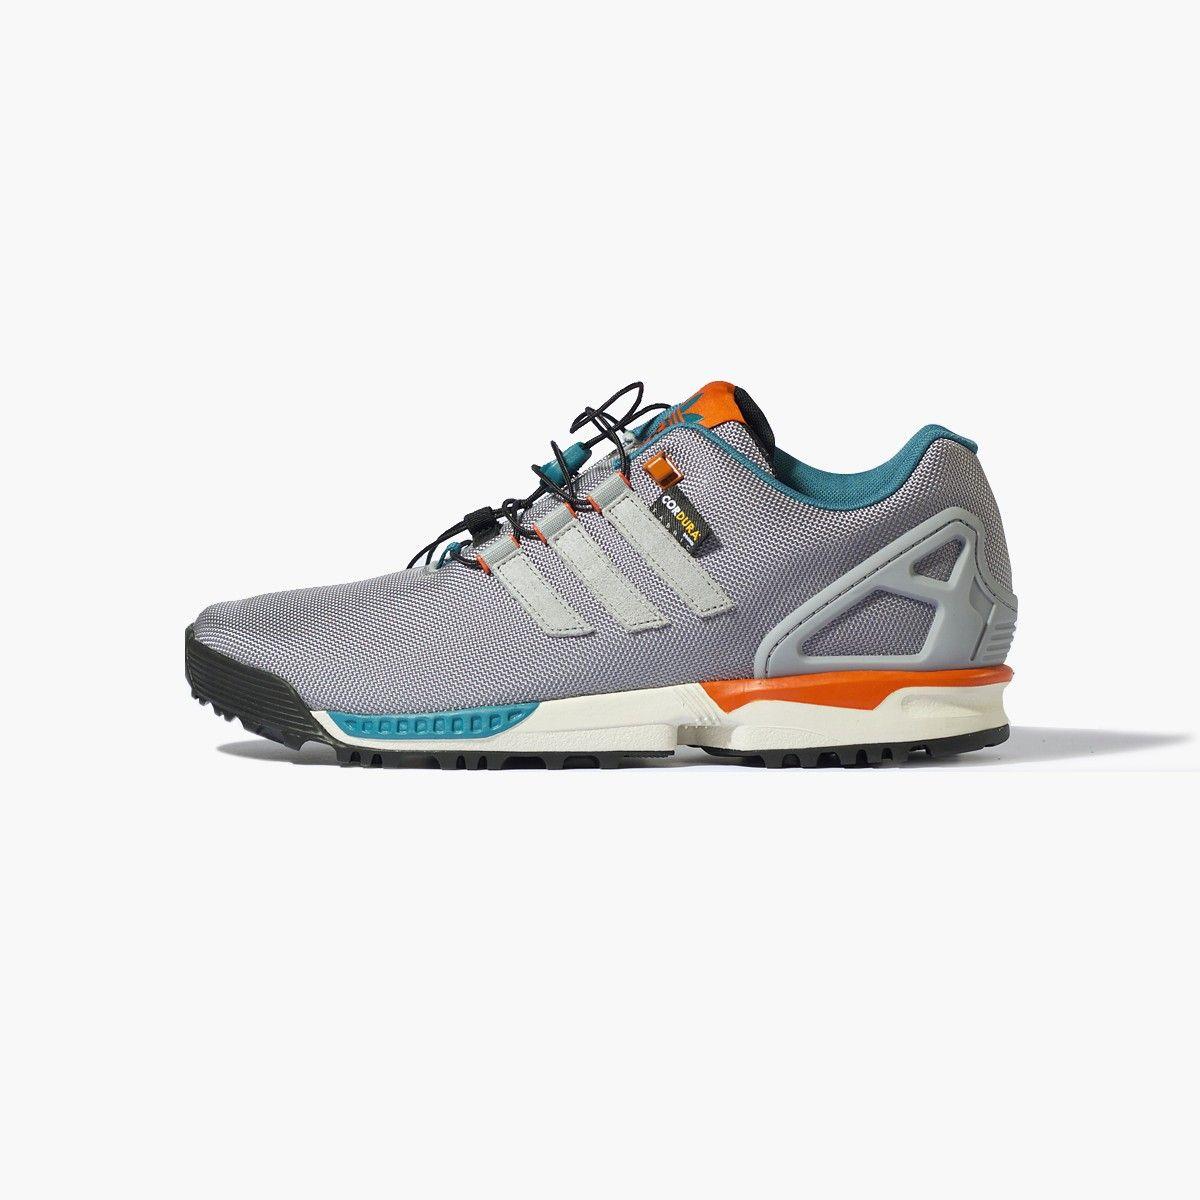 promo code c41c5 afa71 SUEDE - adidas Originals ZX Flux Winter Cordura - Footwear ...